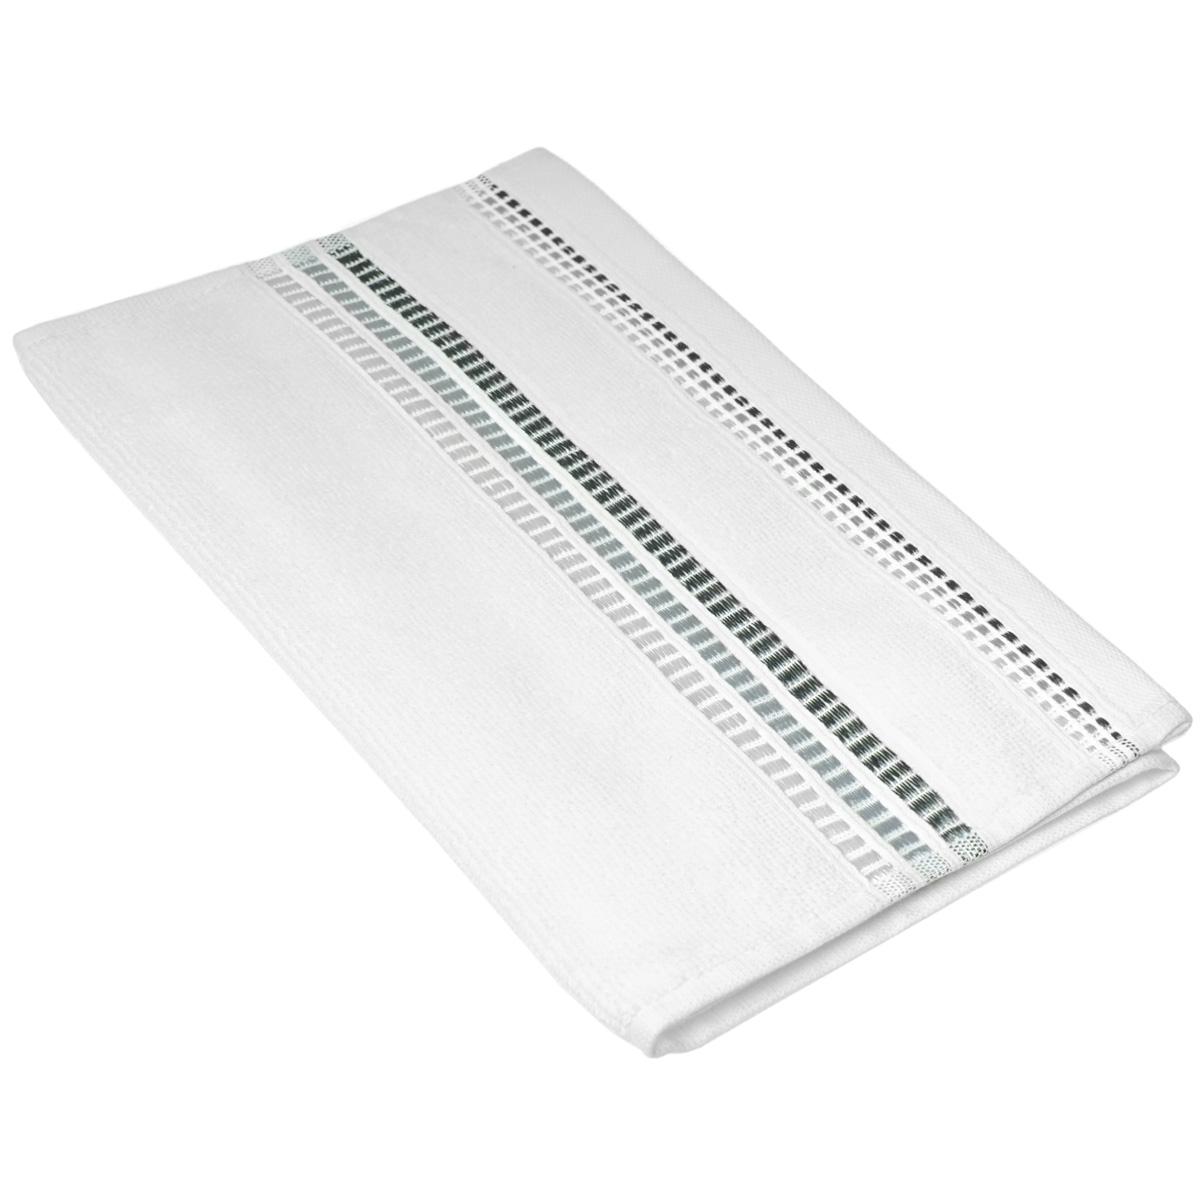 Полотенце махровое Coronet Пиано, цвет: белый, 30 см х 50 смLISBOA 11399/5C CHROME, OAKМахровое полотенце Coronet Пиано, изготовленное из натурального хлопка, подарит массу положительных эмоций и приятных ощущений. Полотенце отличается нежностью и мягкостью материала, утонченным дизайном и превосходным качеством. Оно прекрасно впитывает влагу, быстро сохнет и не теряет своих свойств после многократных стирок. Махровое полотенце Coronet Пиано станет достойным выбором для вас и приятным подарком для ваших близких. Мягкость и высокое качество материала, из которого изготовлены полотенца не оставит вас равнодушными.